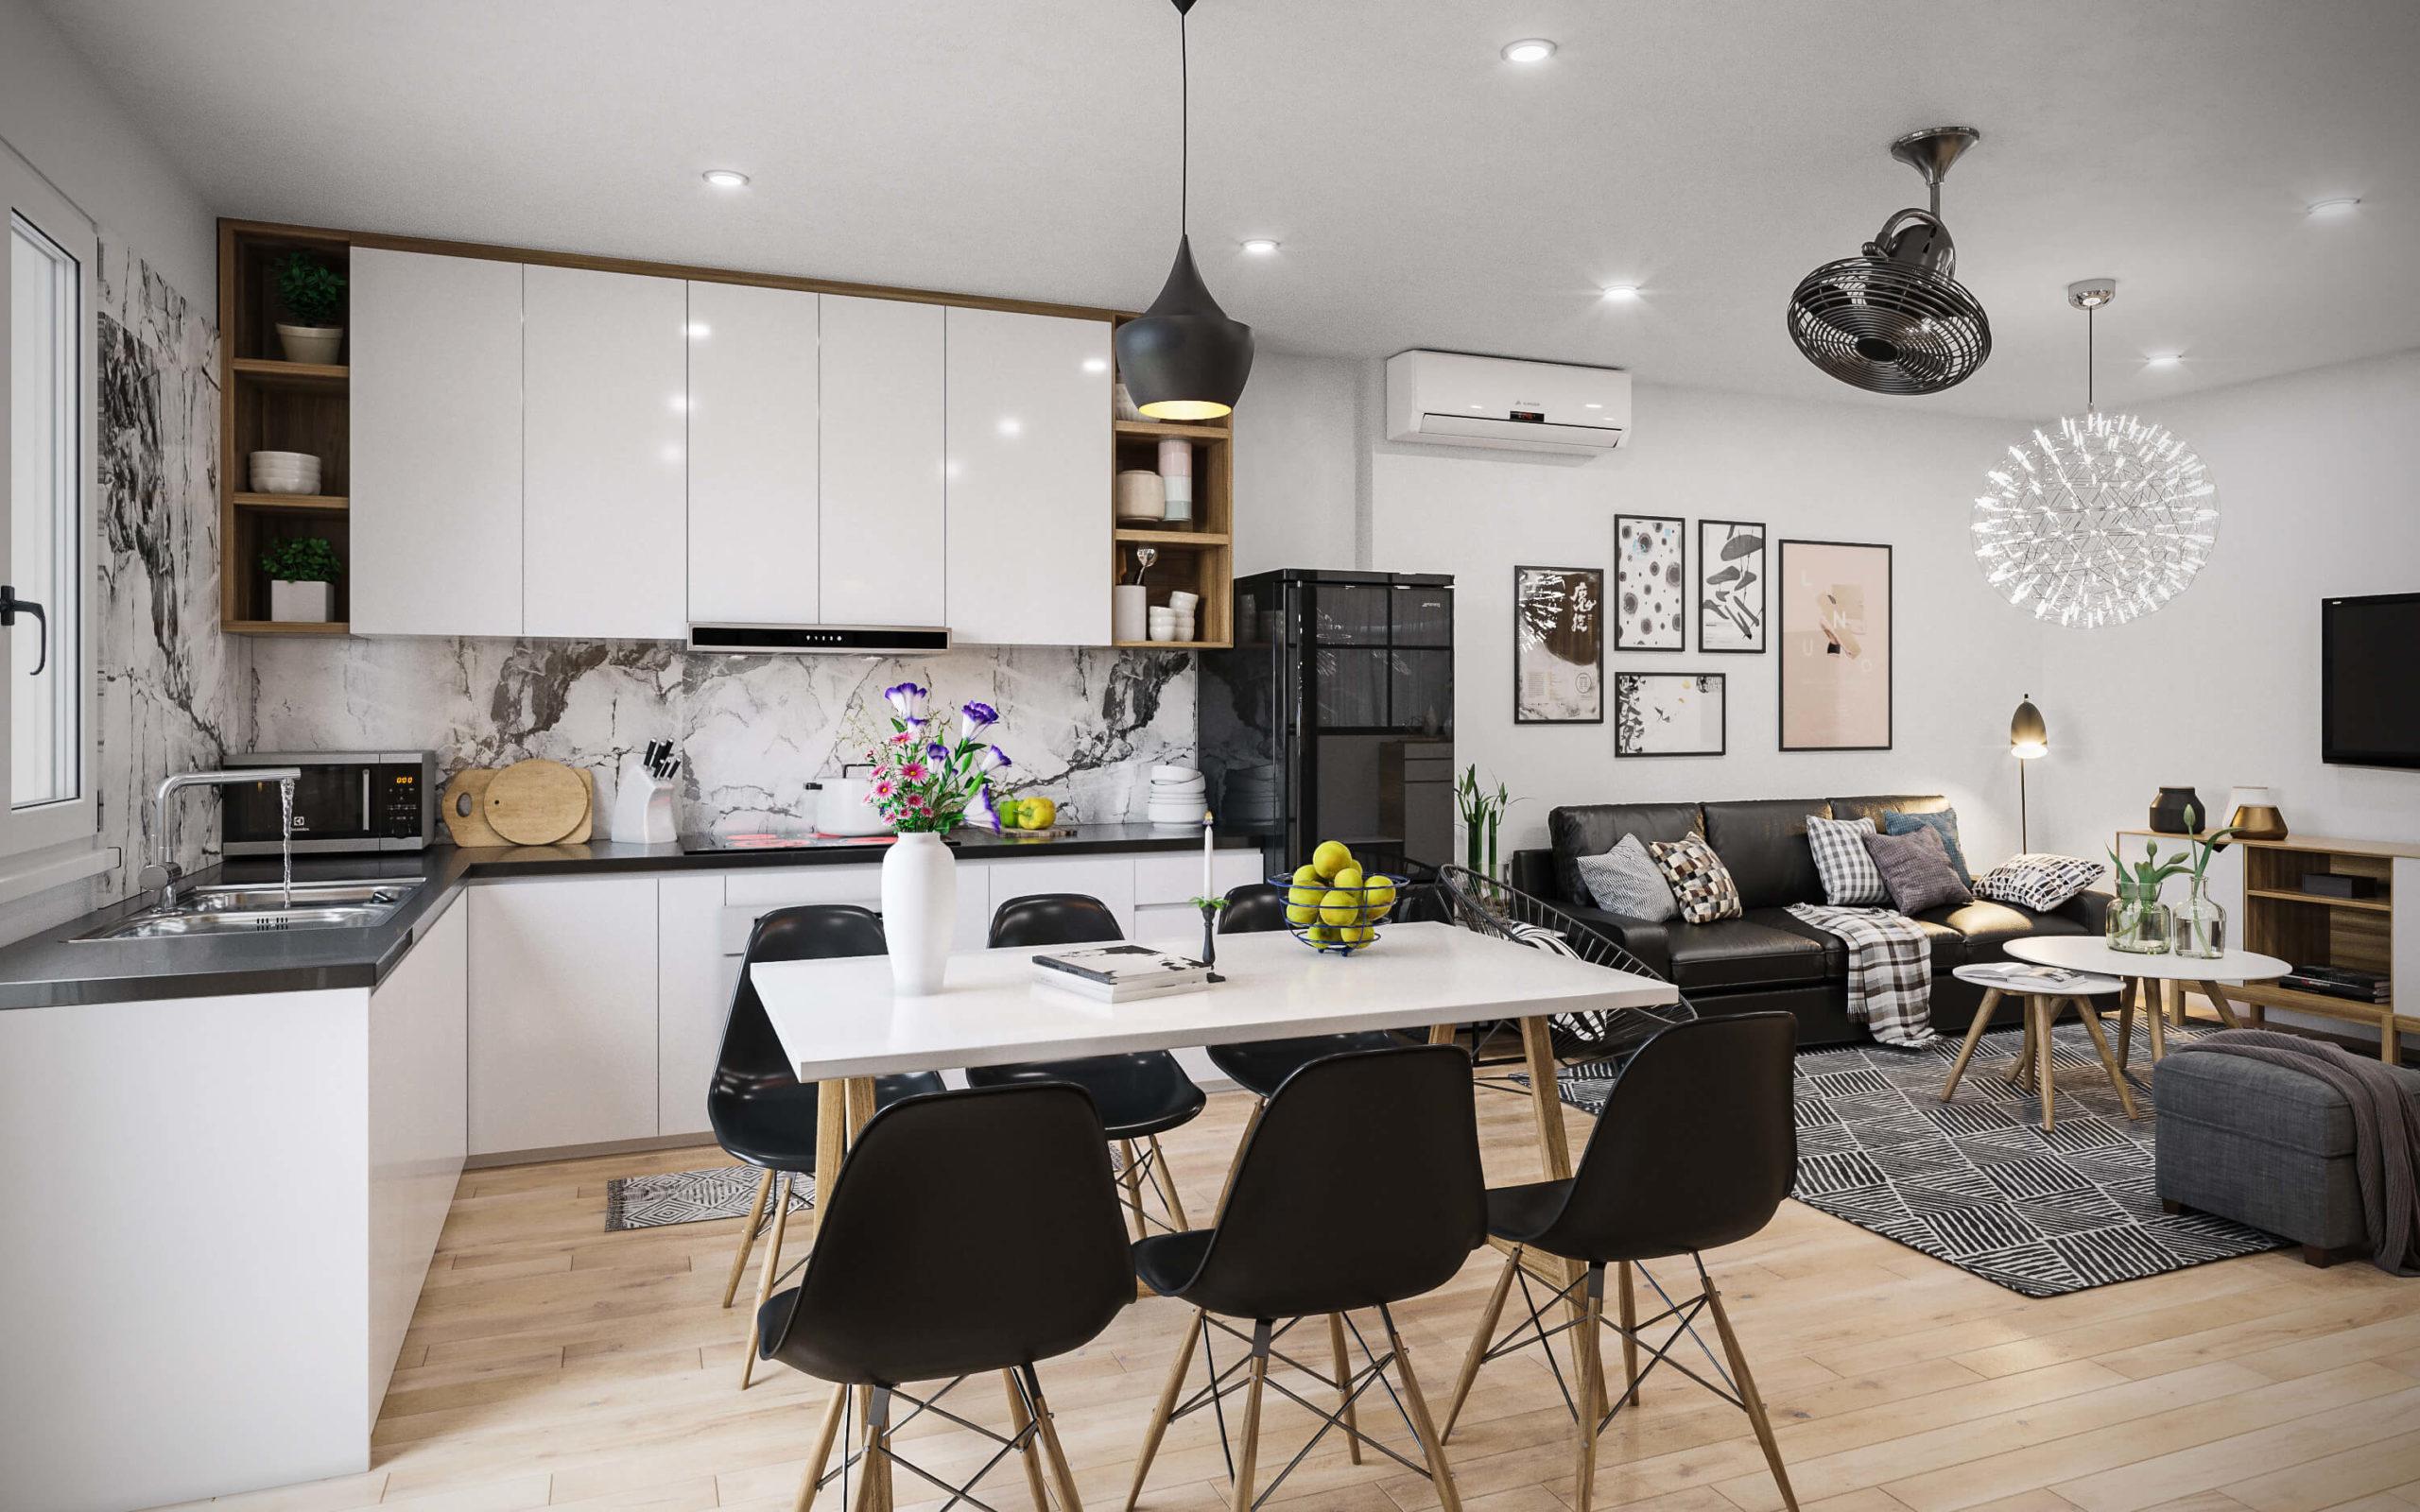 Thiết kế phòng khách liền bếp chung cư 2